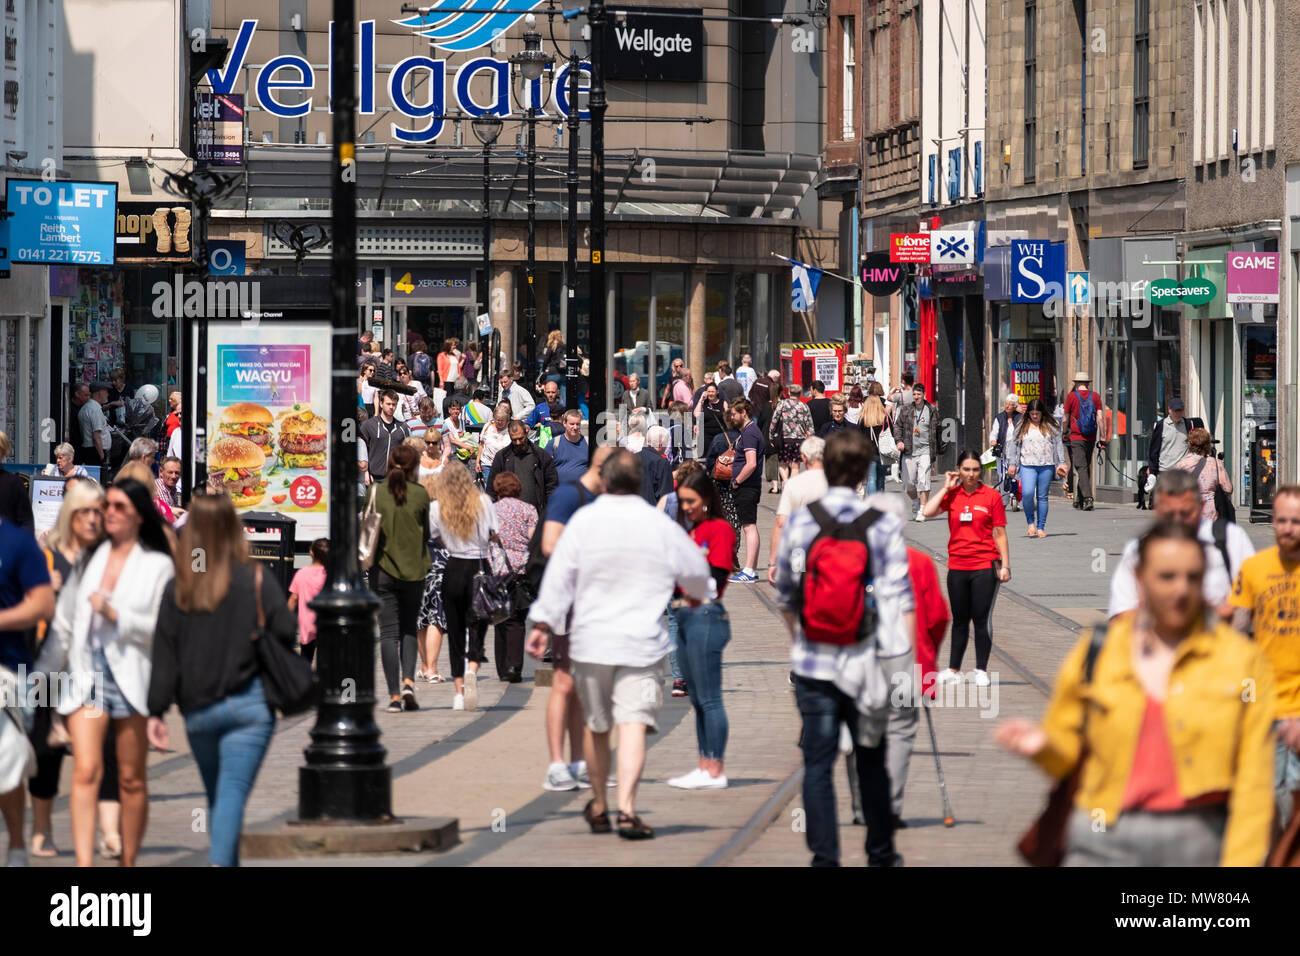 Besetzt Murraygate Street Fußgängerzone Straße im Zentrum von Dundee, Tayside, Schottland, Großbritannien Stockbild